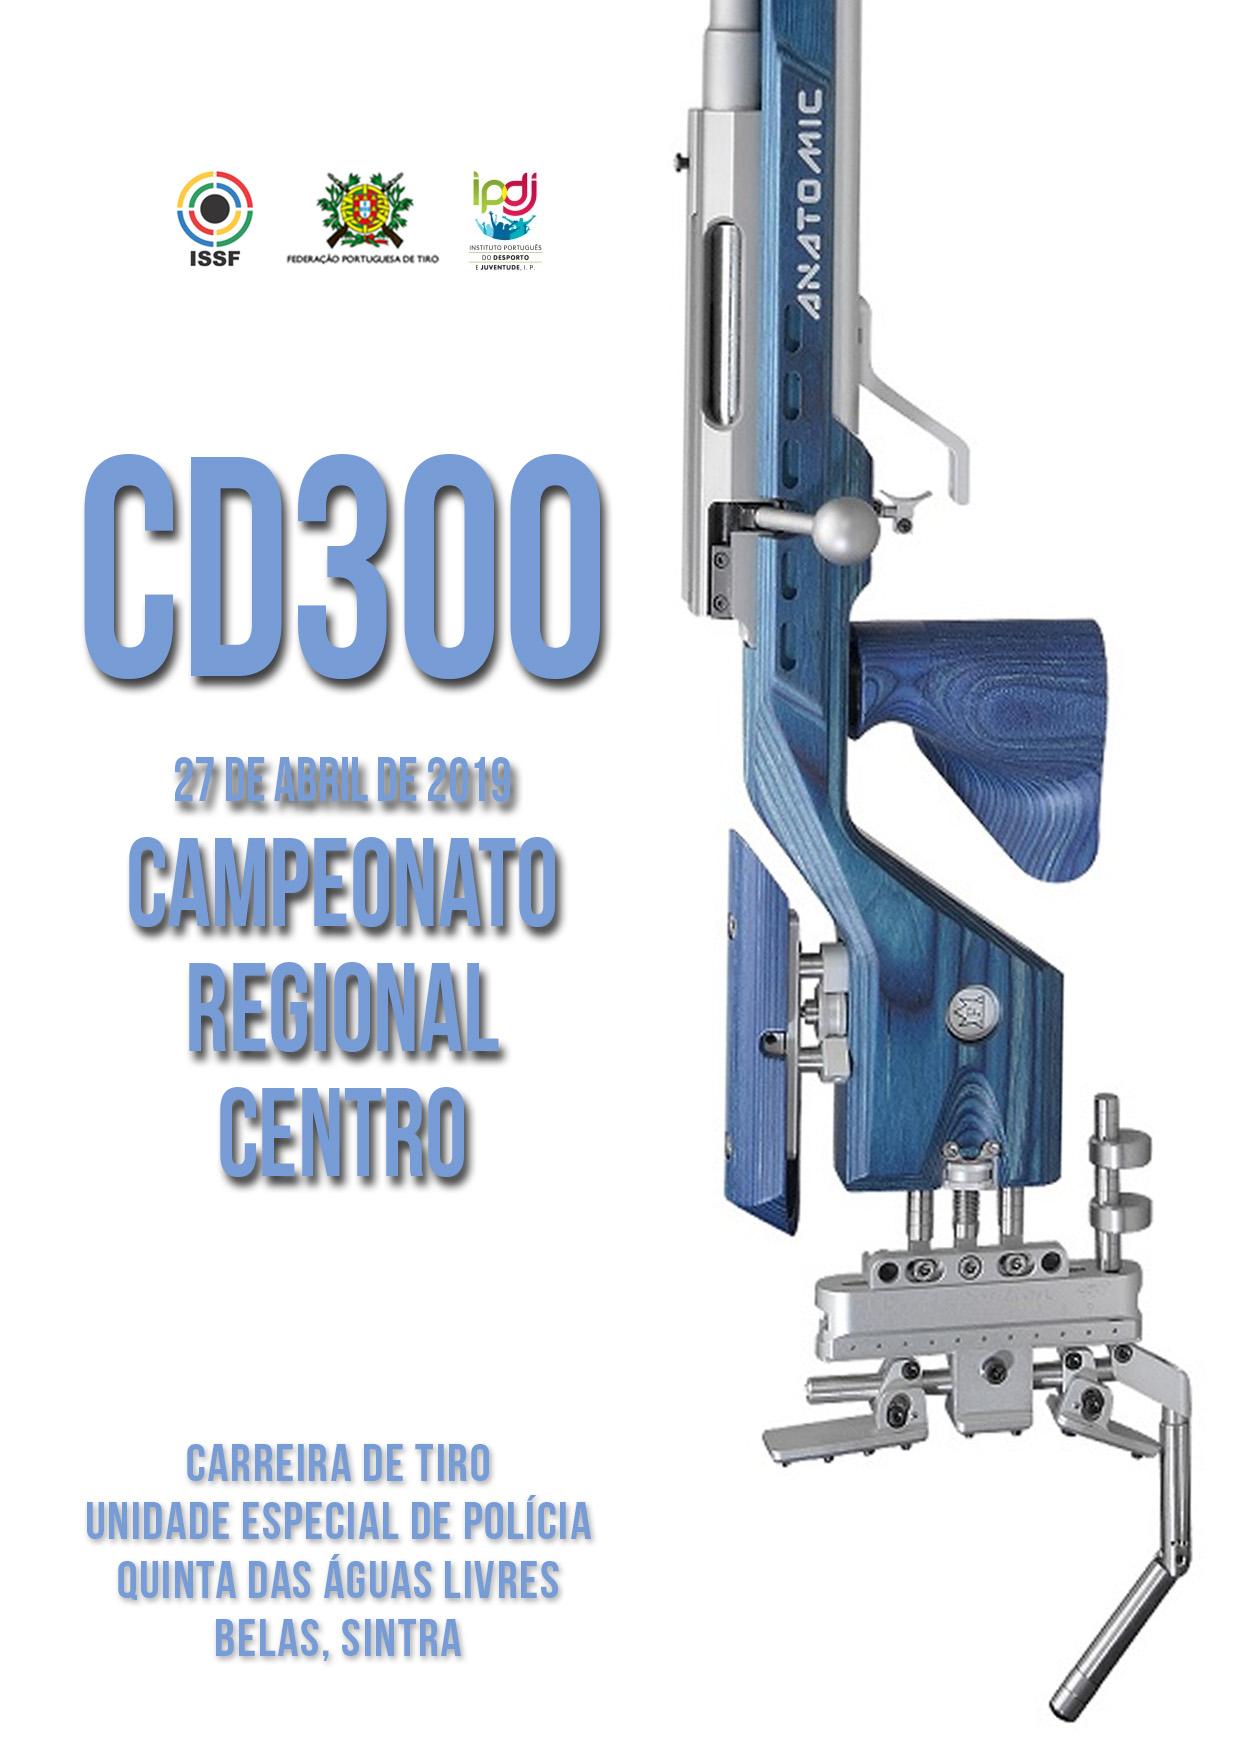 Campeonato Regional Centro CD 300 2019